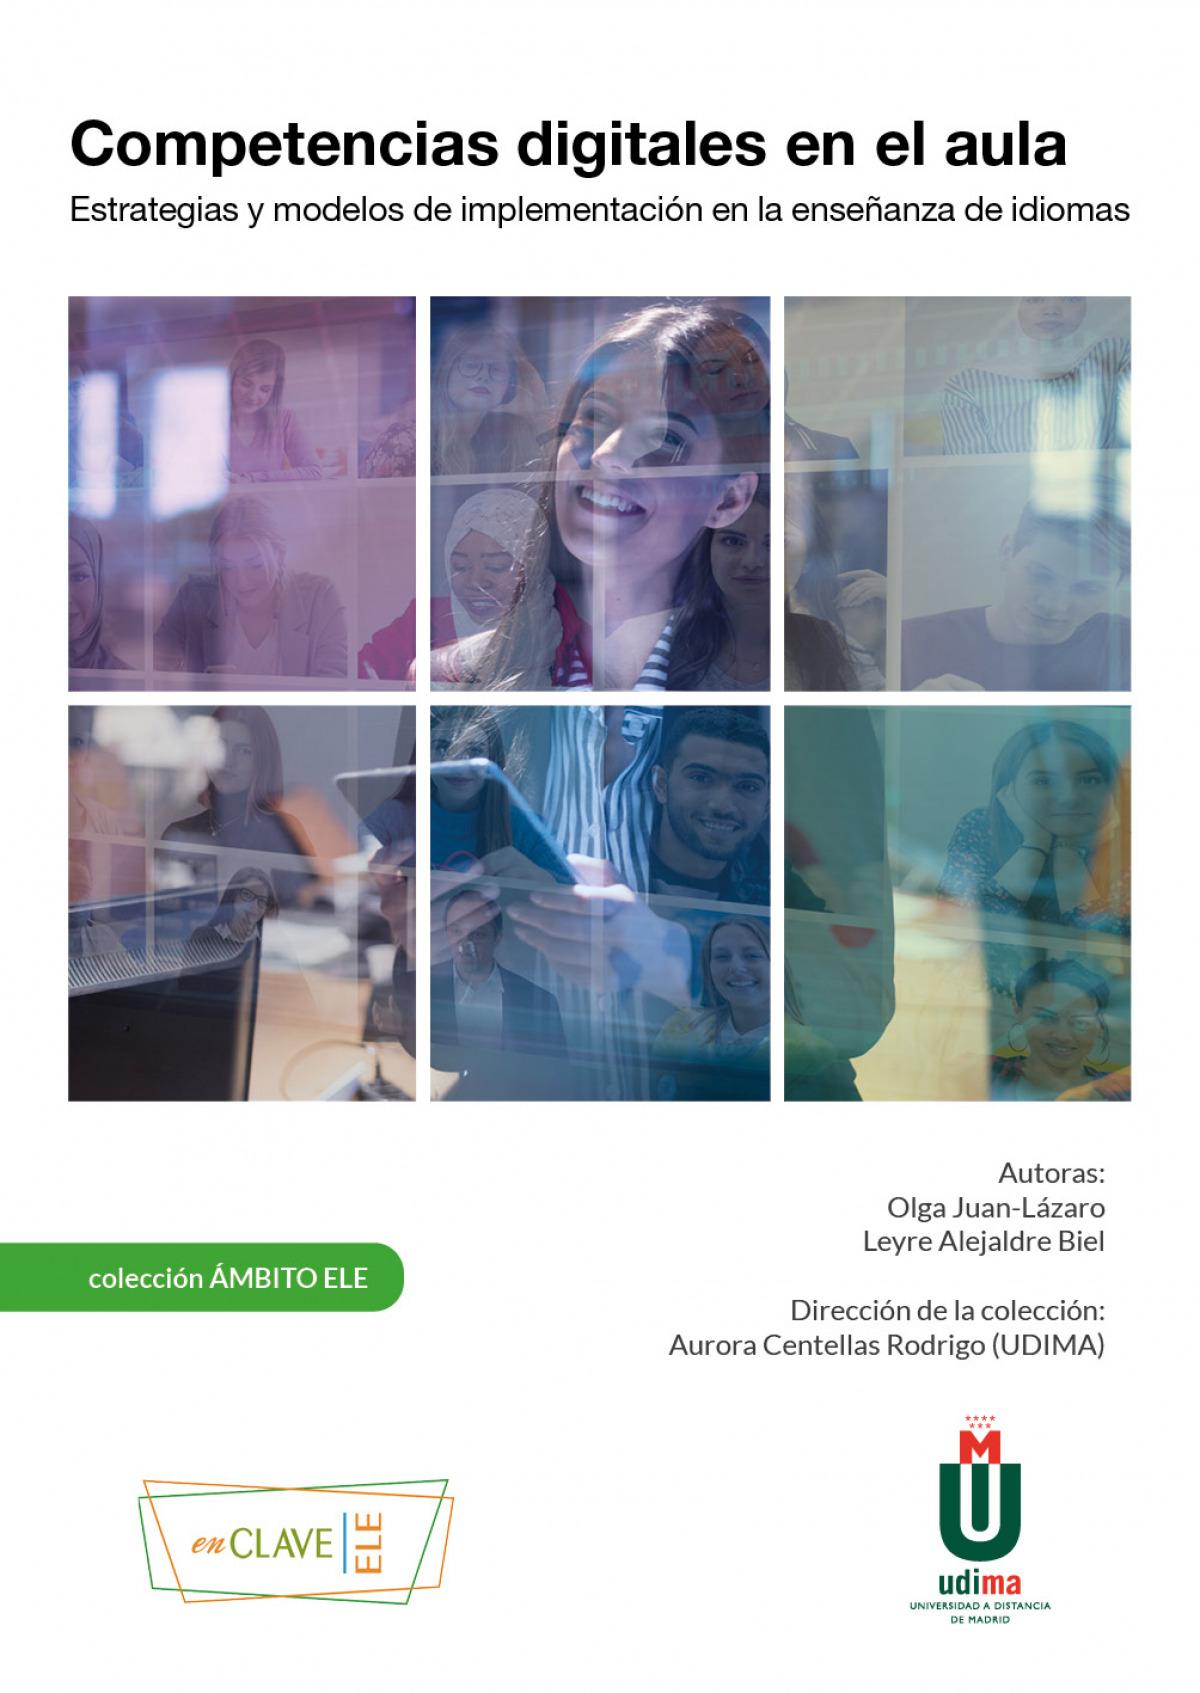 Competencias digitales en el aula